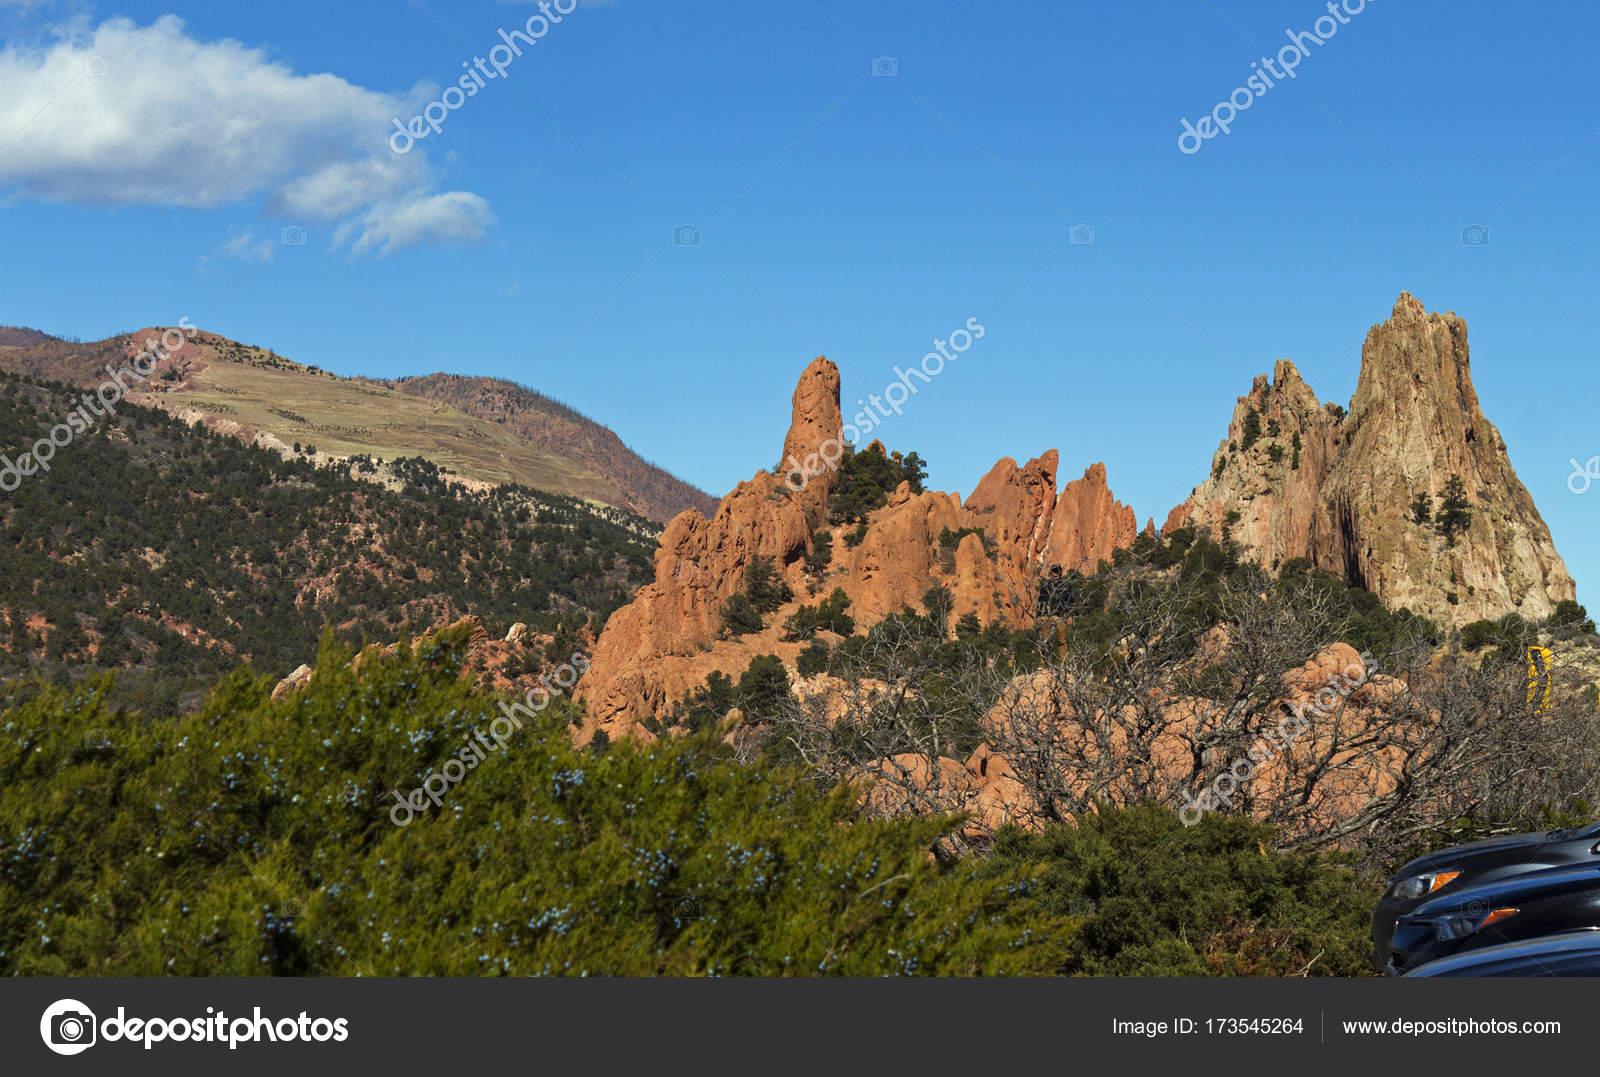 Garden of the gods colorado springs — Stock Photo © mikle15 #173545264